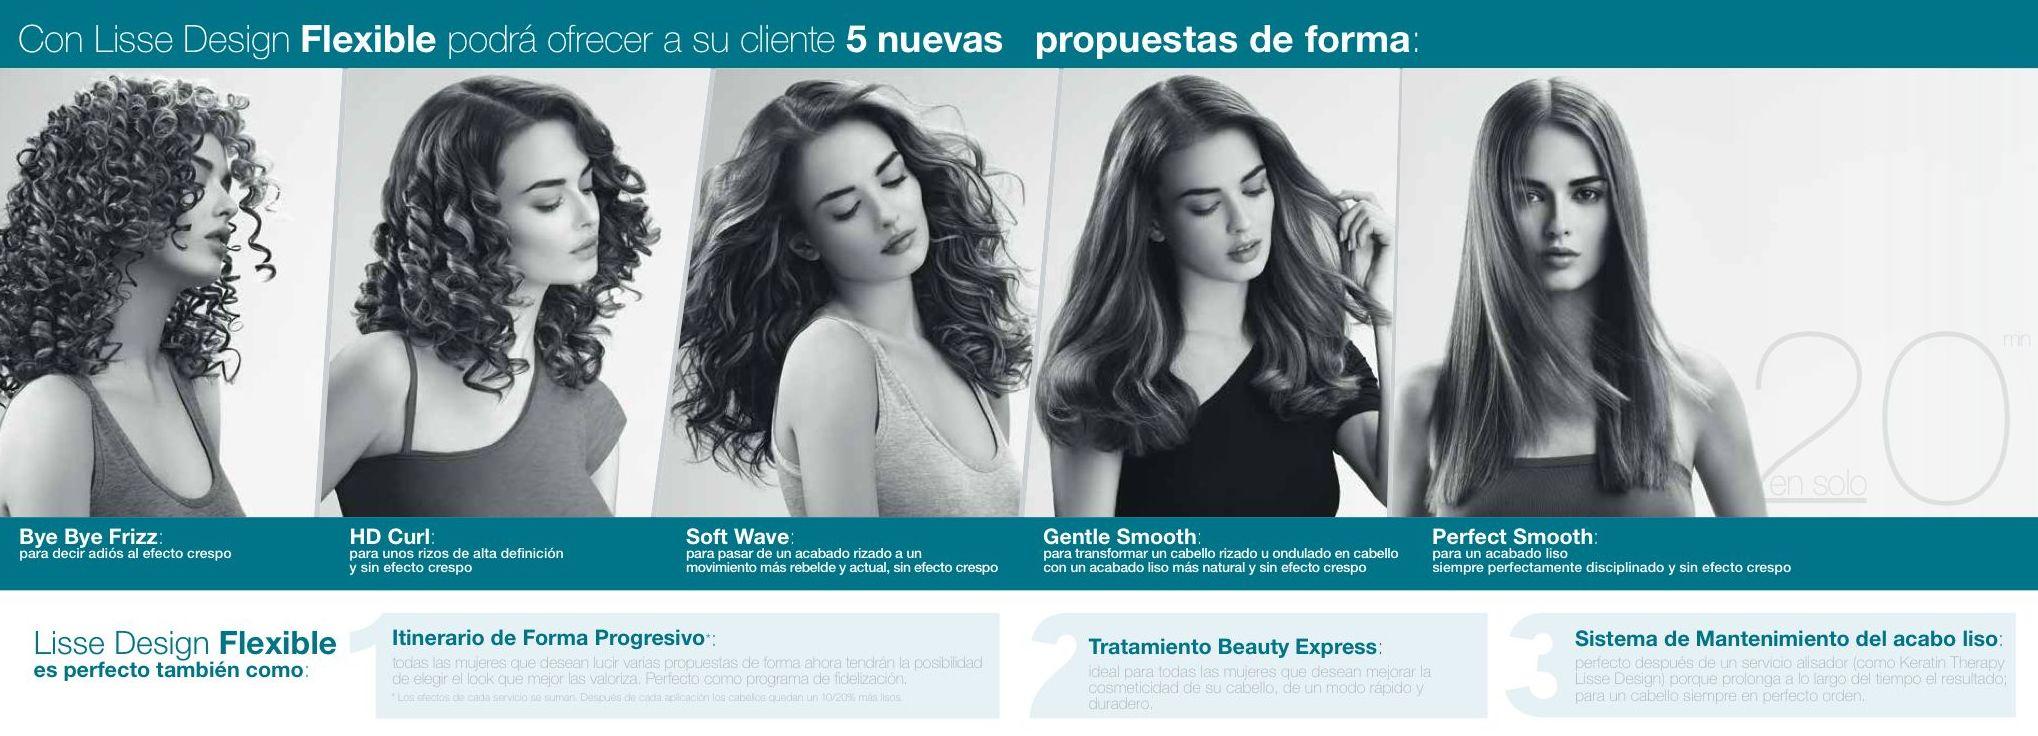 Alisado de queratina: Servicios  de Beauty My